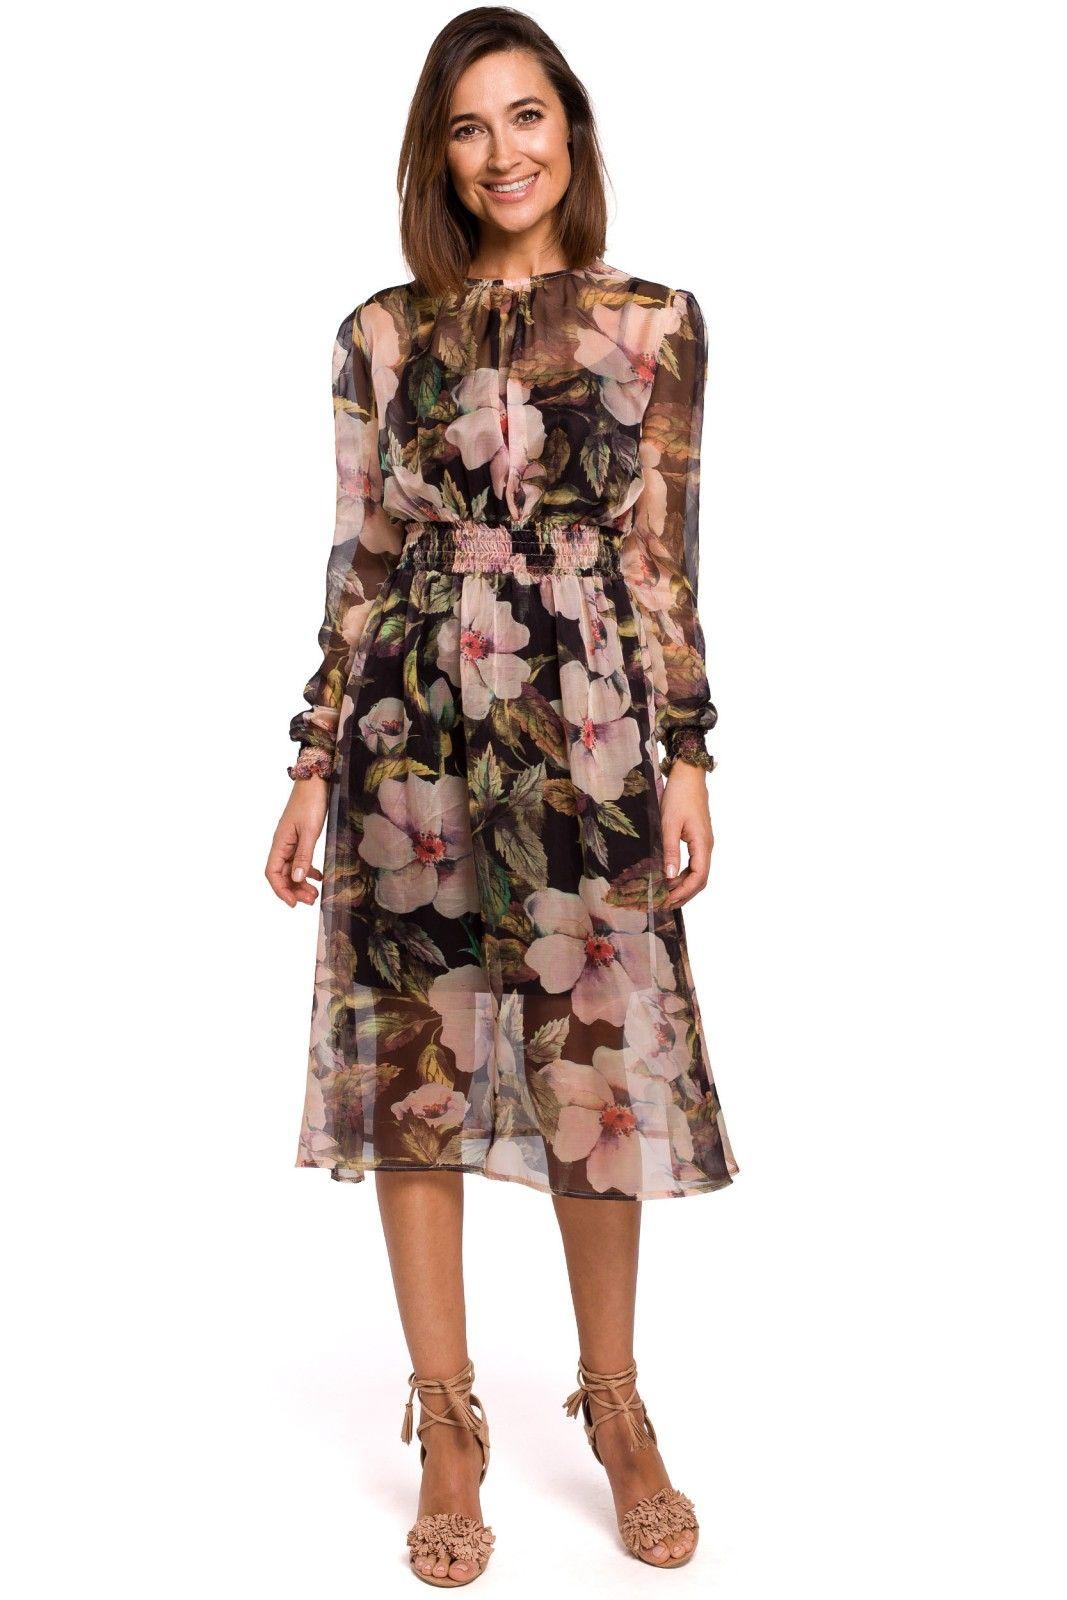 Hur man utformar svart blommig klänning